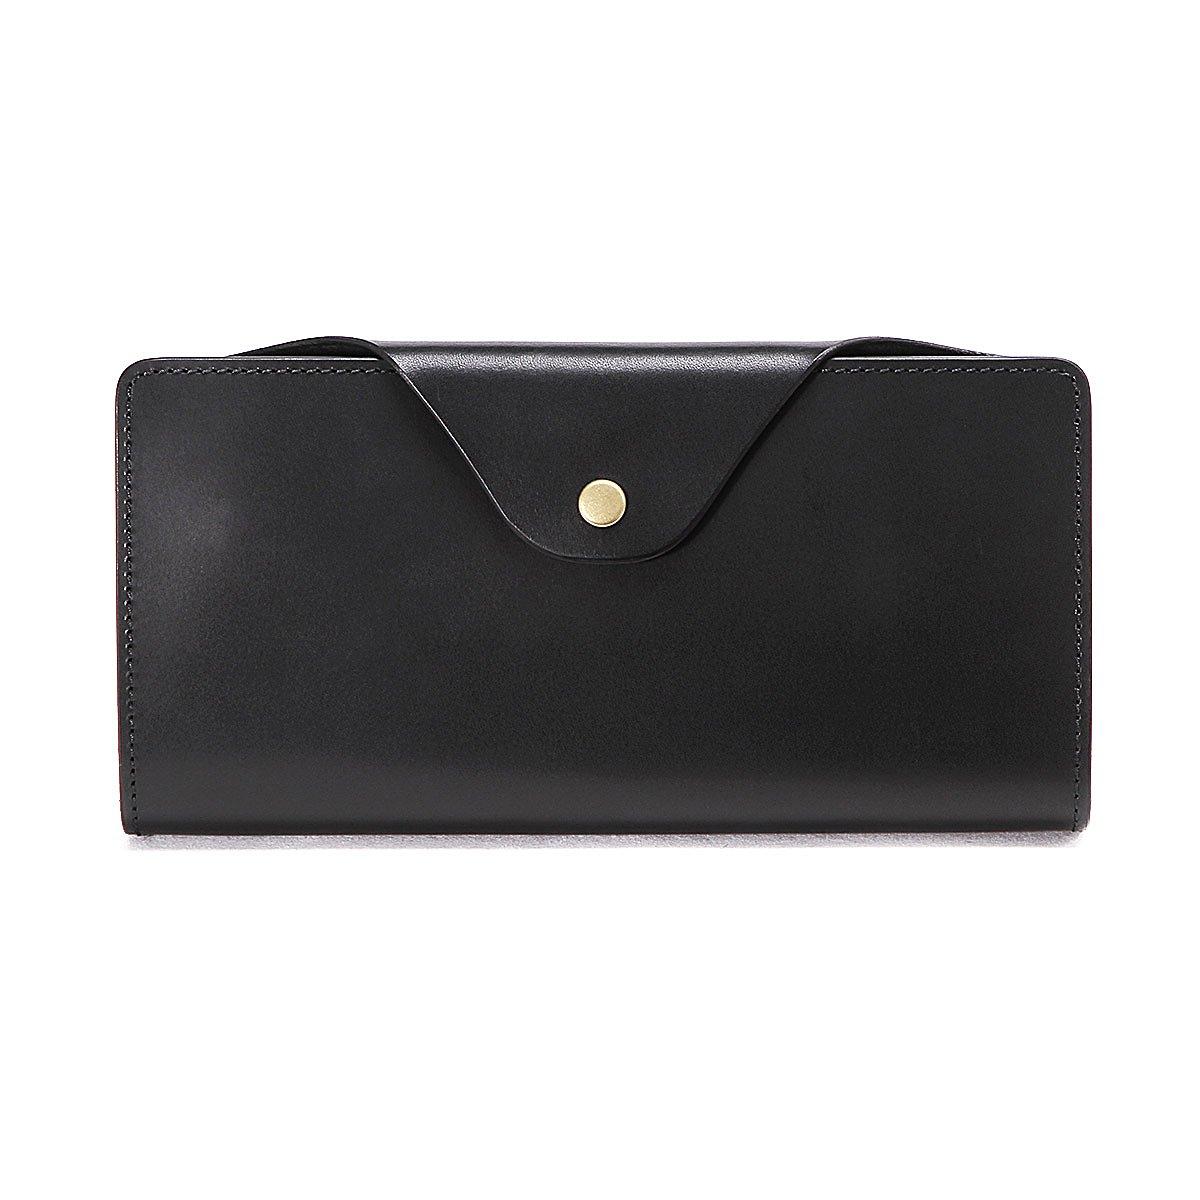 スロウ 長財布 long wallet herbie SO657G B07FYGKF2Y  ブラック